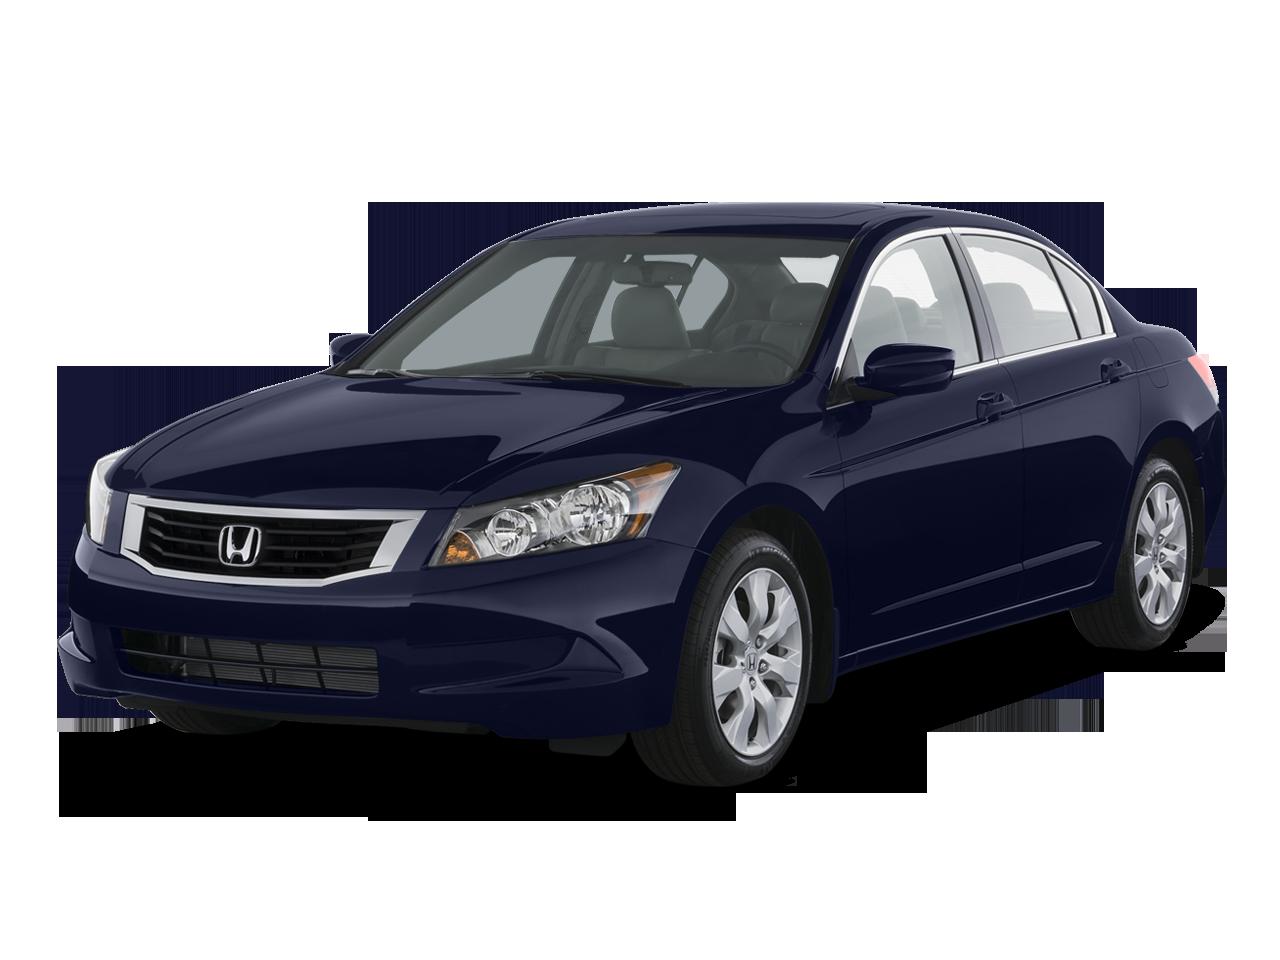 Лобовое стекло Honda Accord с местом под датчик дождя (2008-2012)